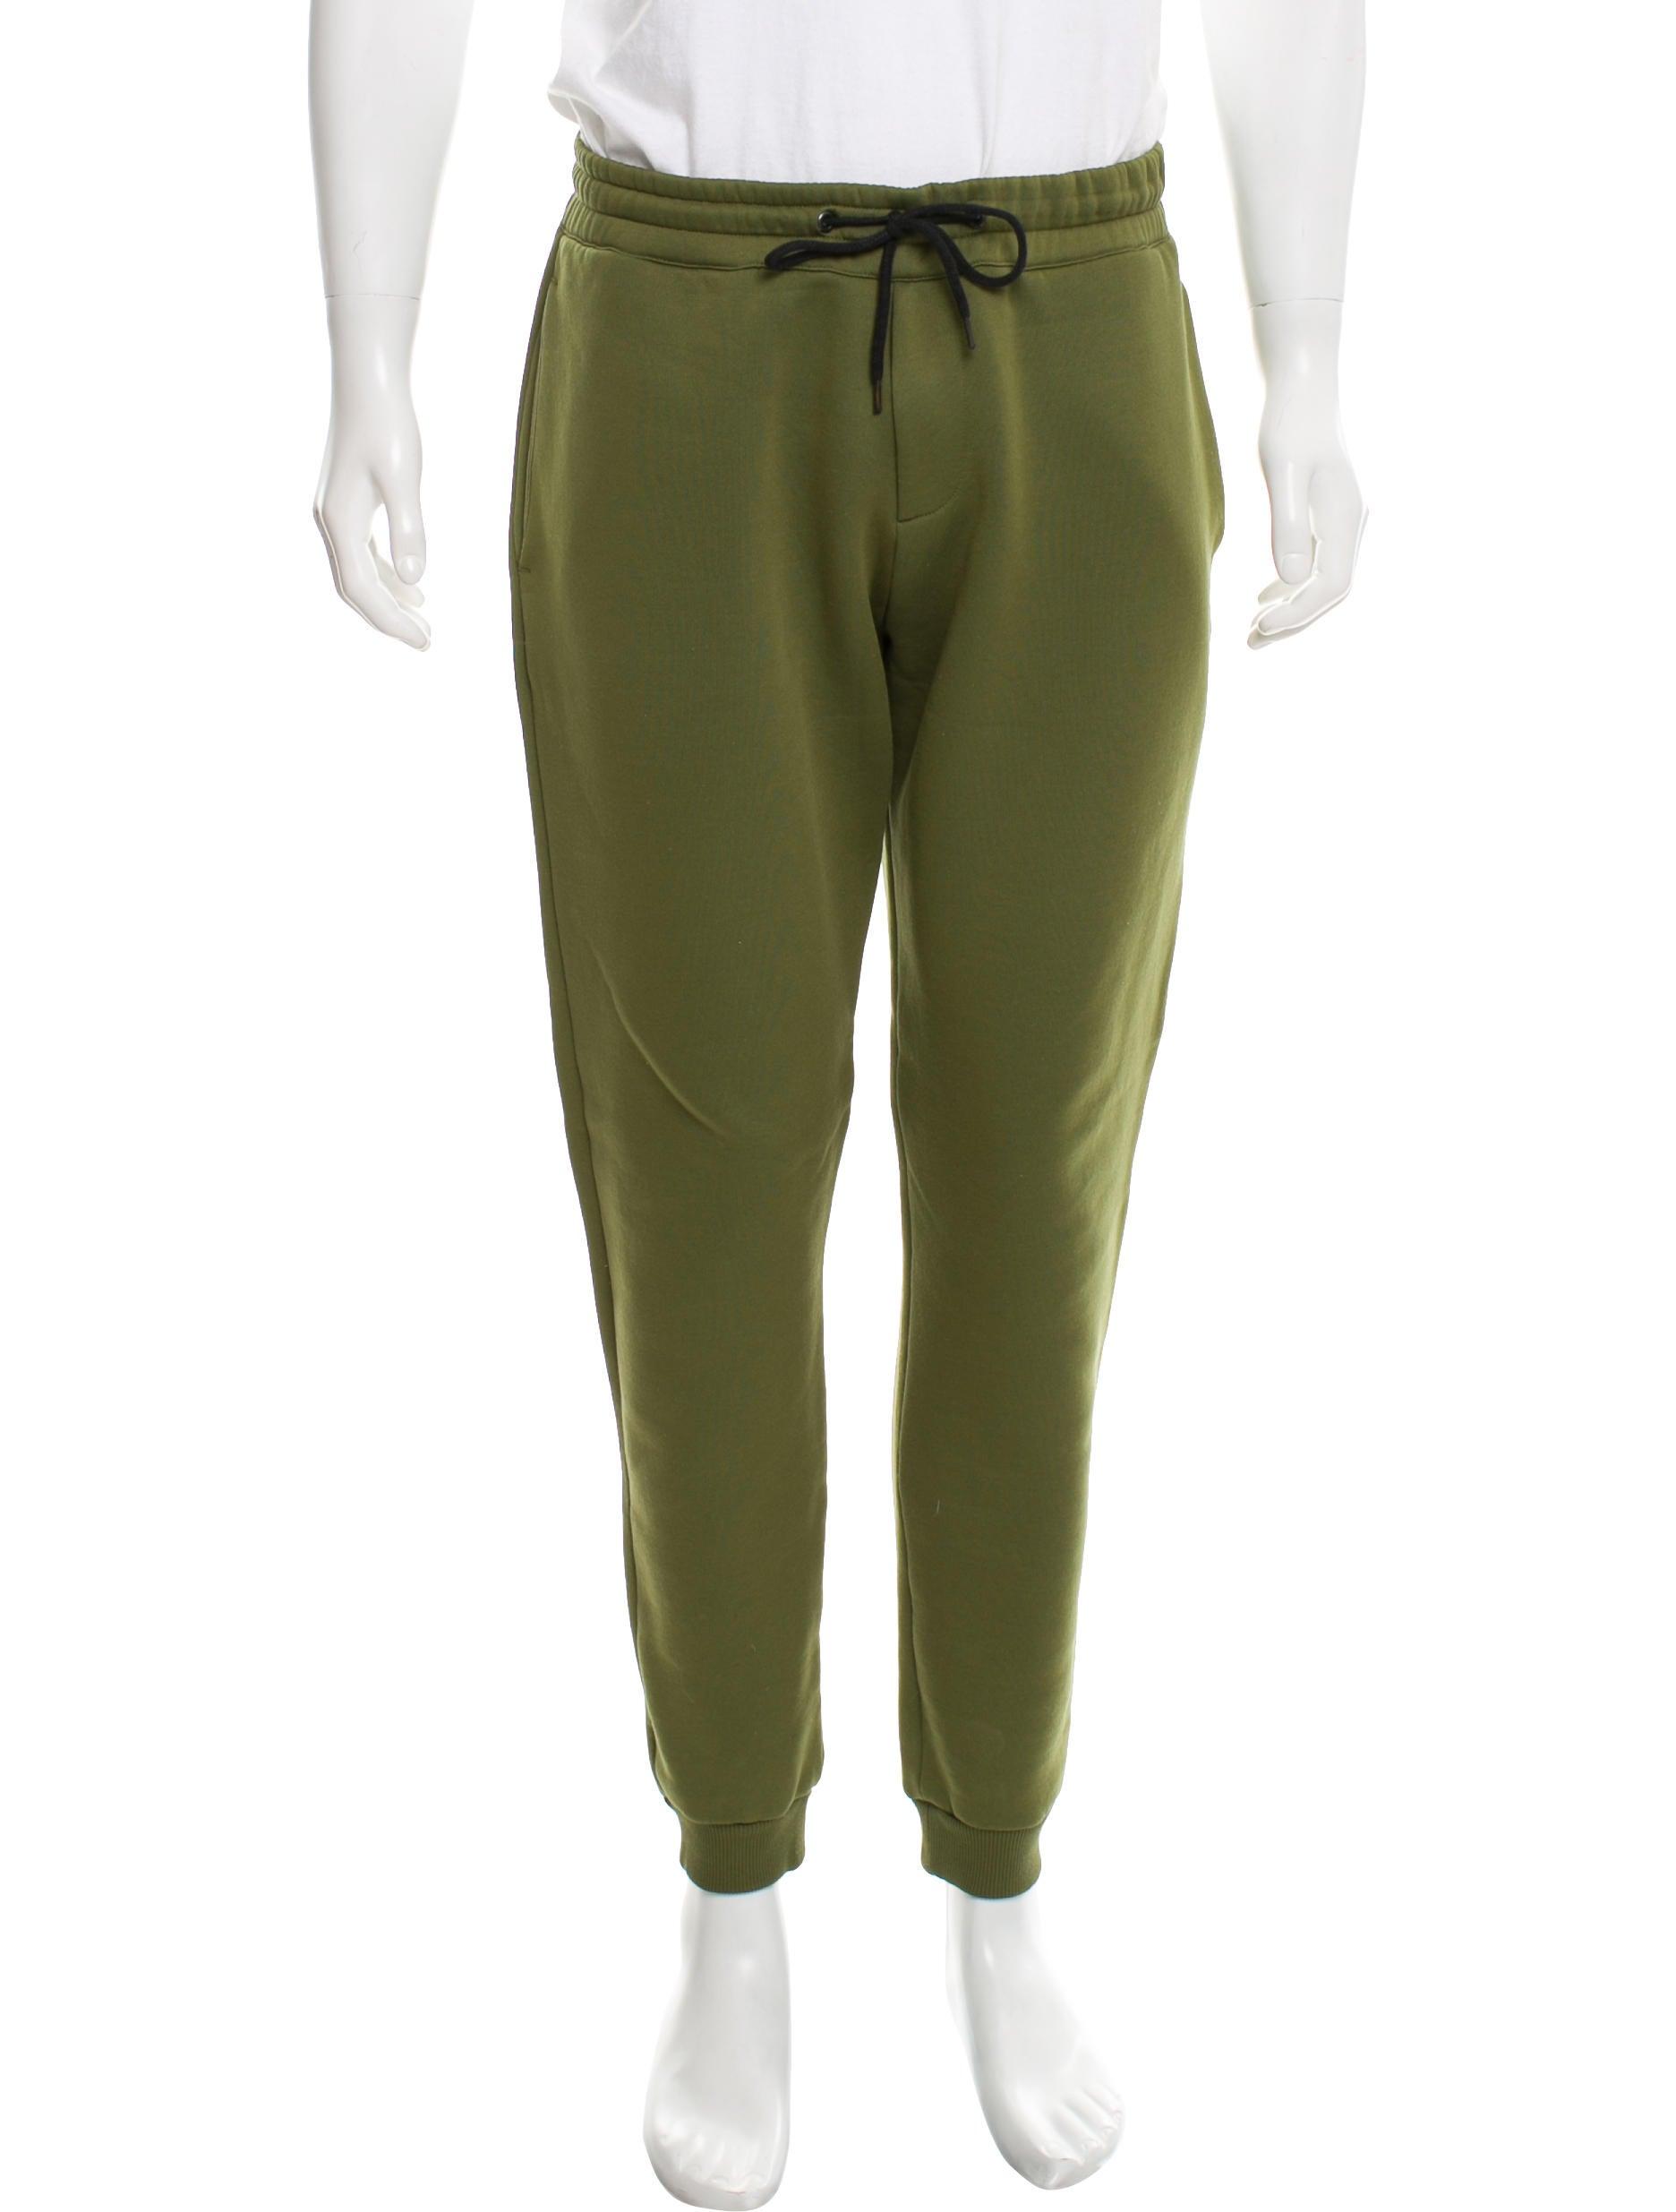 fa11949a Kenzo Woven Jogger Sweatpants - Clothing - KEN29382   The RealReal